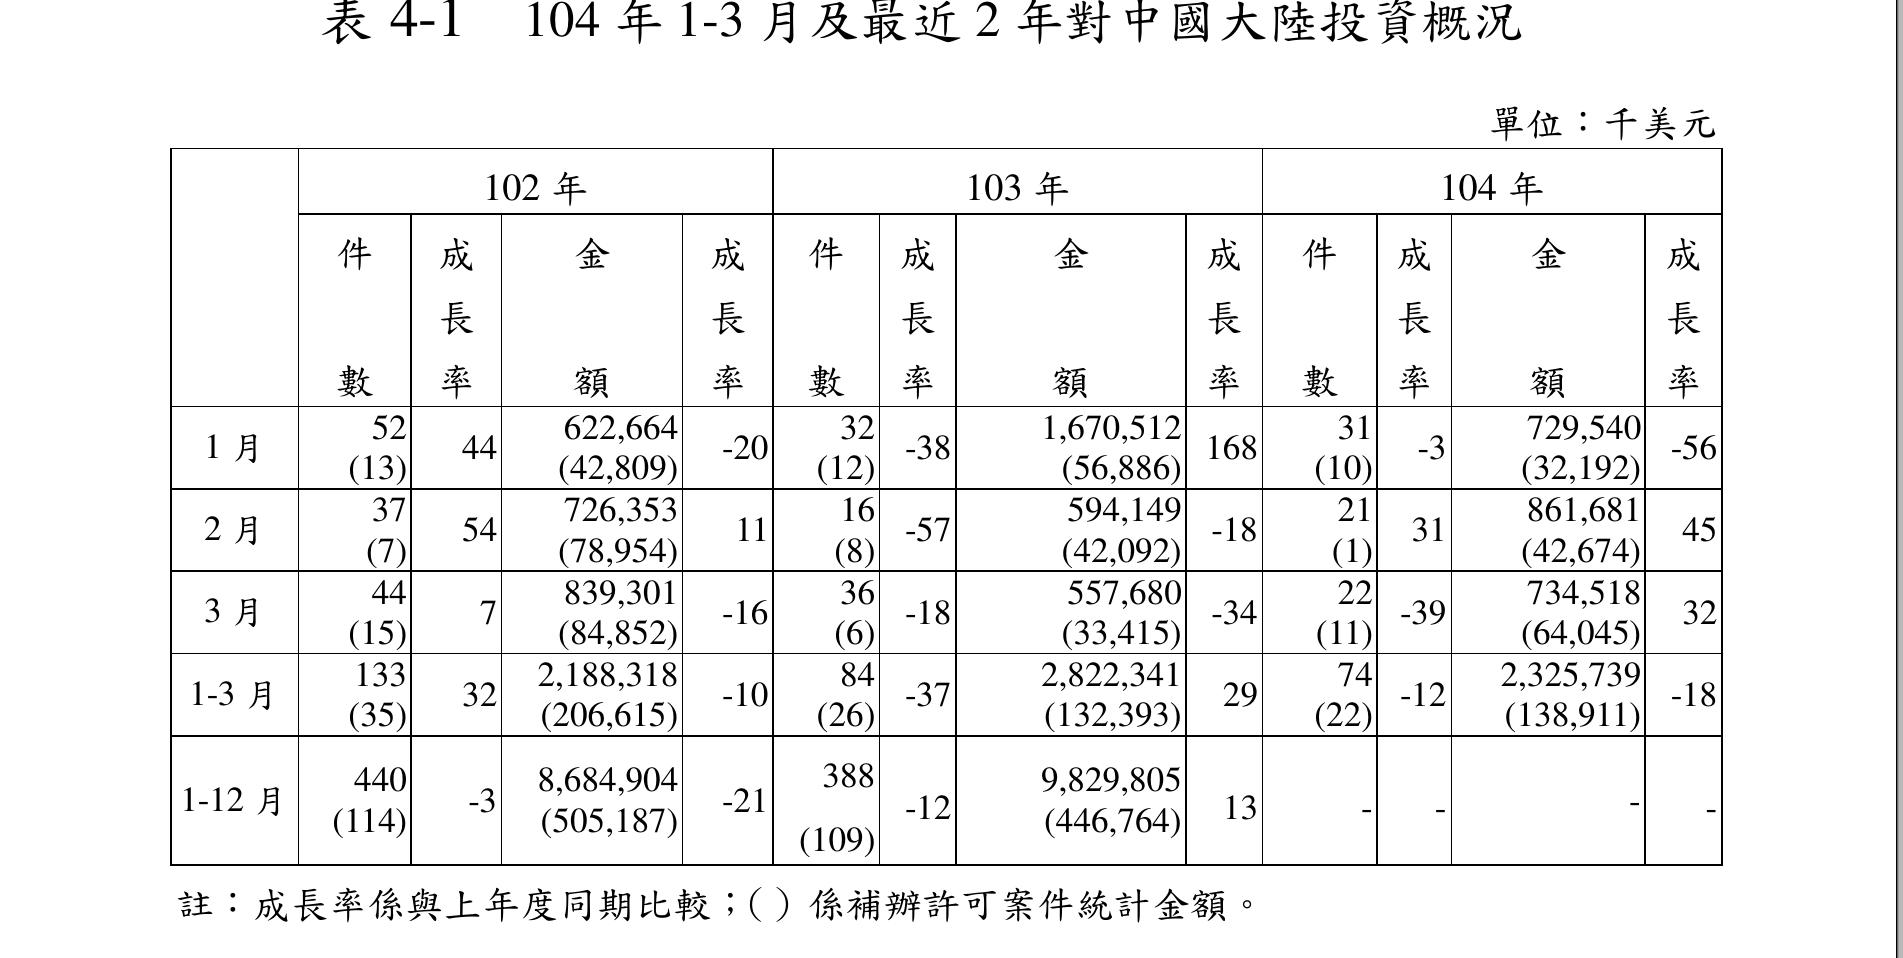 台湾経済104-5-20-4